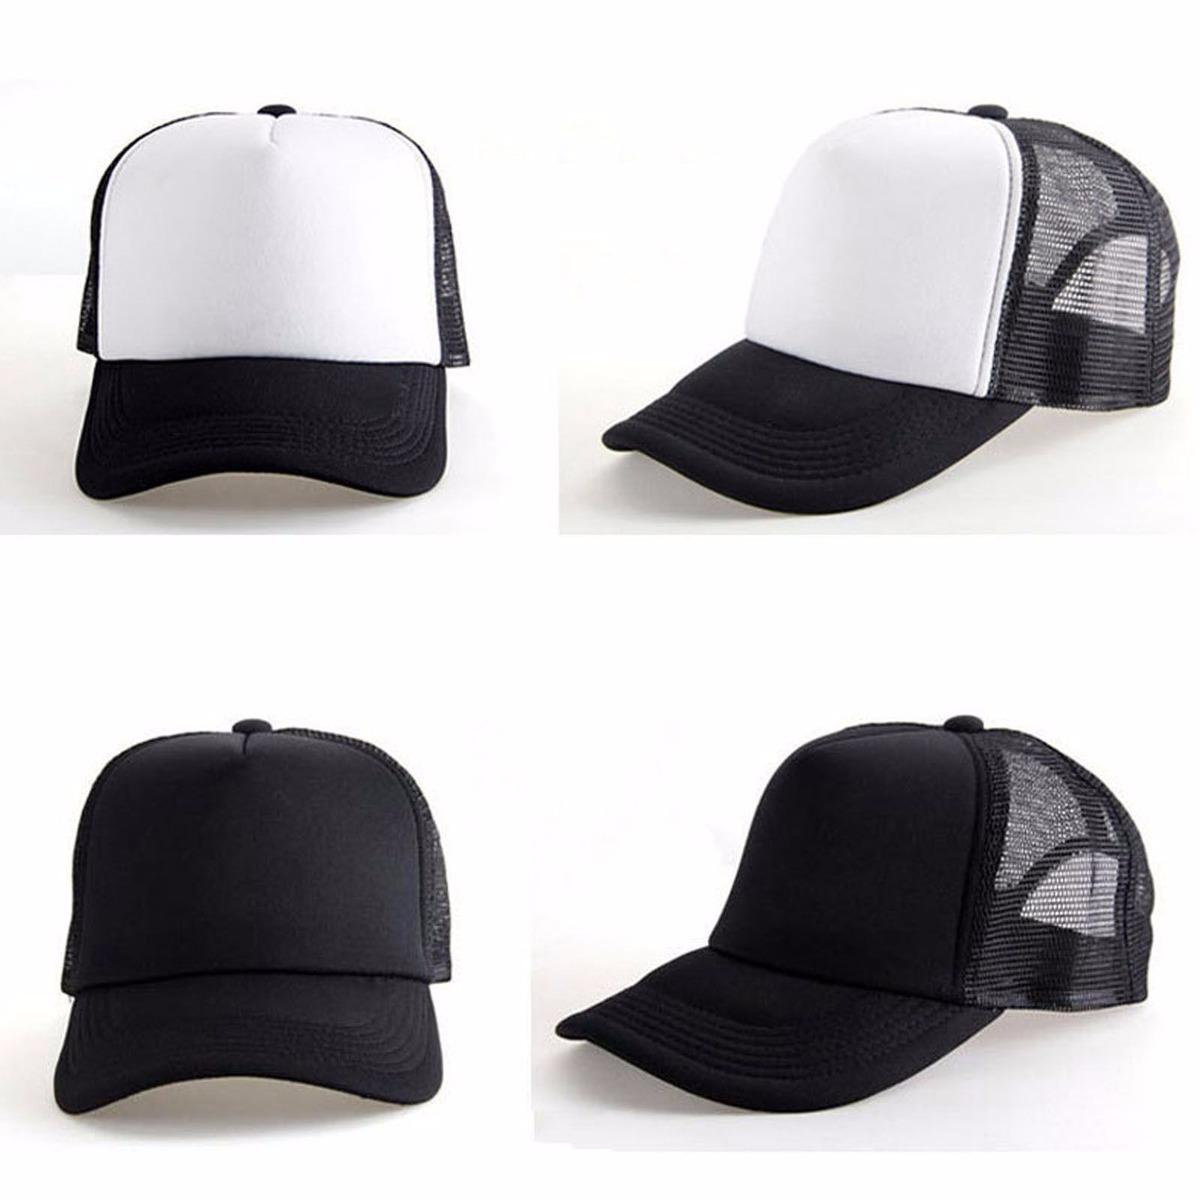 boné redinha tela preto branco duas cores moda justin bieber. Carregando  zoom. 09c173028d5